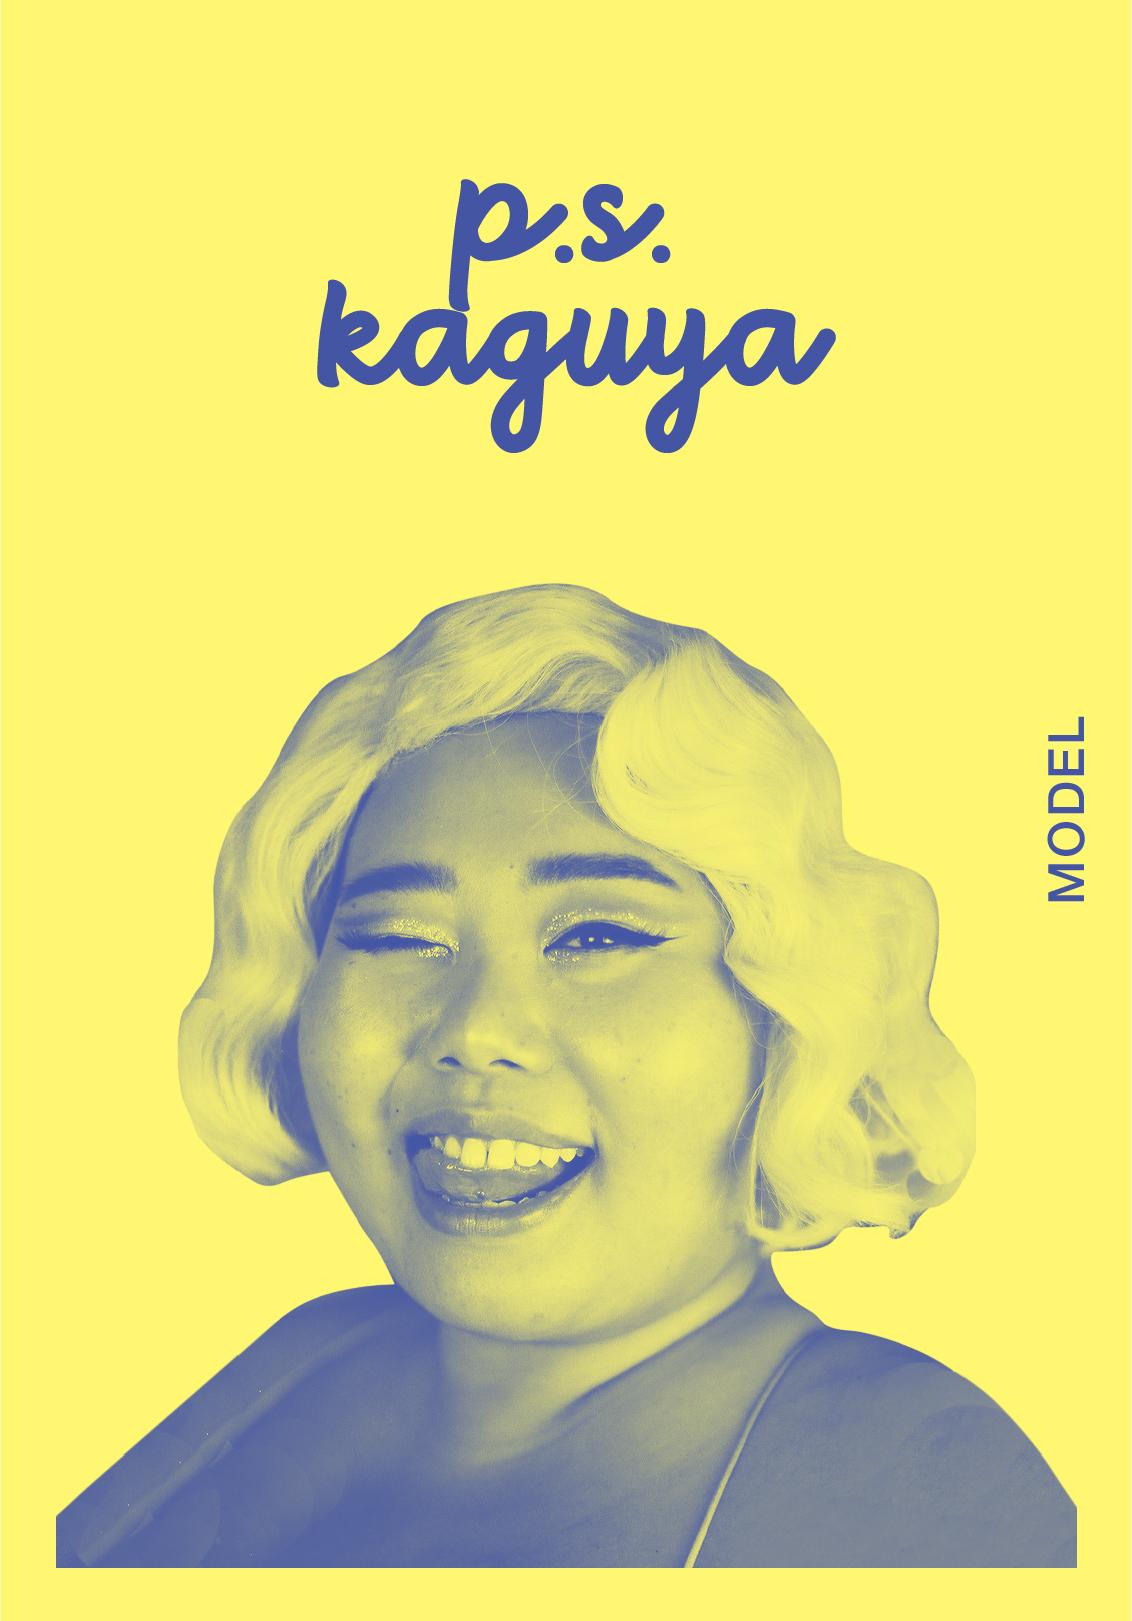 P.S. KAGUYA   WEBSITE   @_PSKAGUYA   IG: P.S.KAGUYA